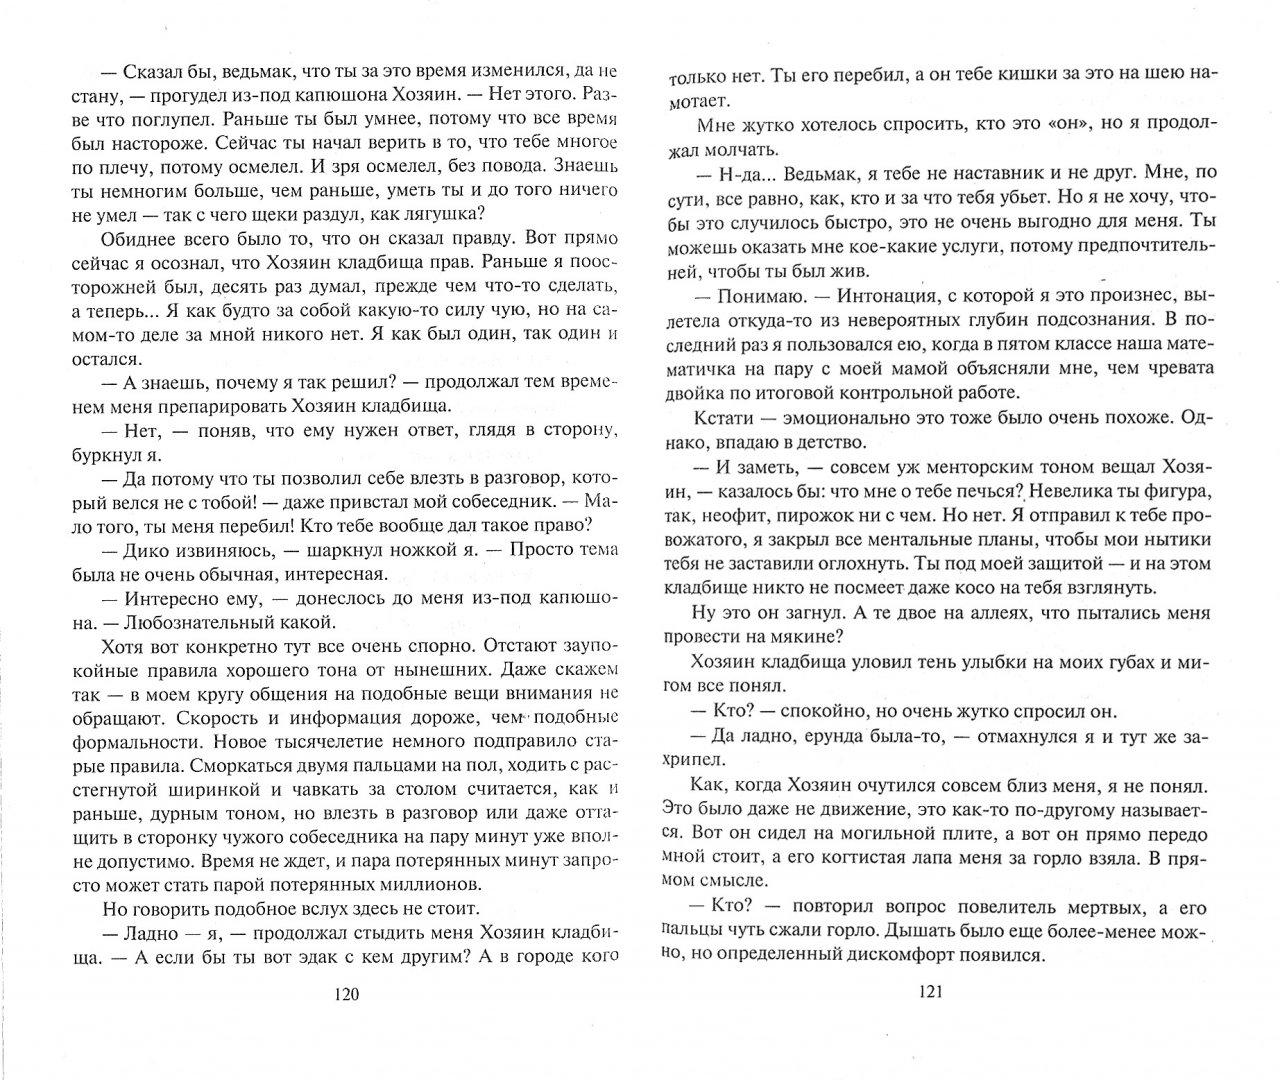 Иллюстрация 2 из 30 для Знаки Ночи - Андрей Васильев | Лабиринт - книги. Источник: Лабиринт